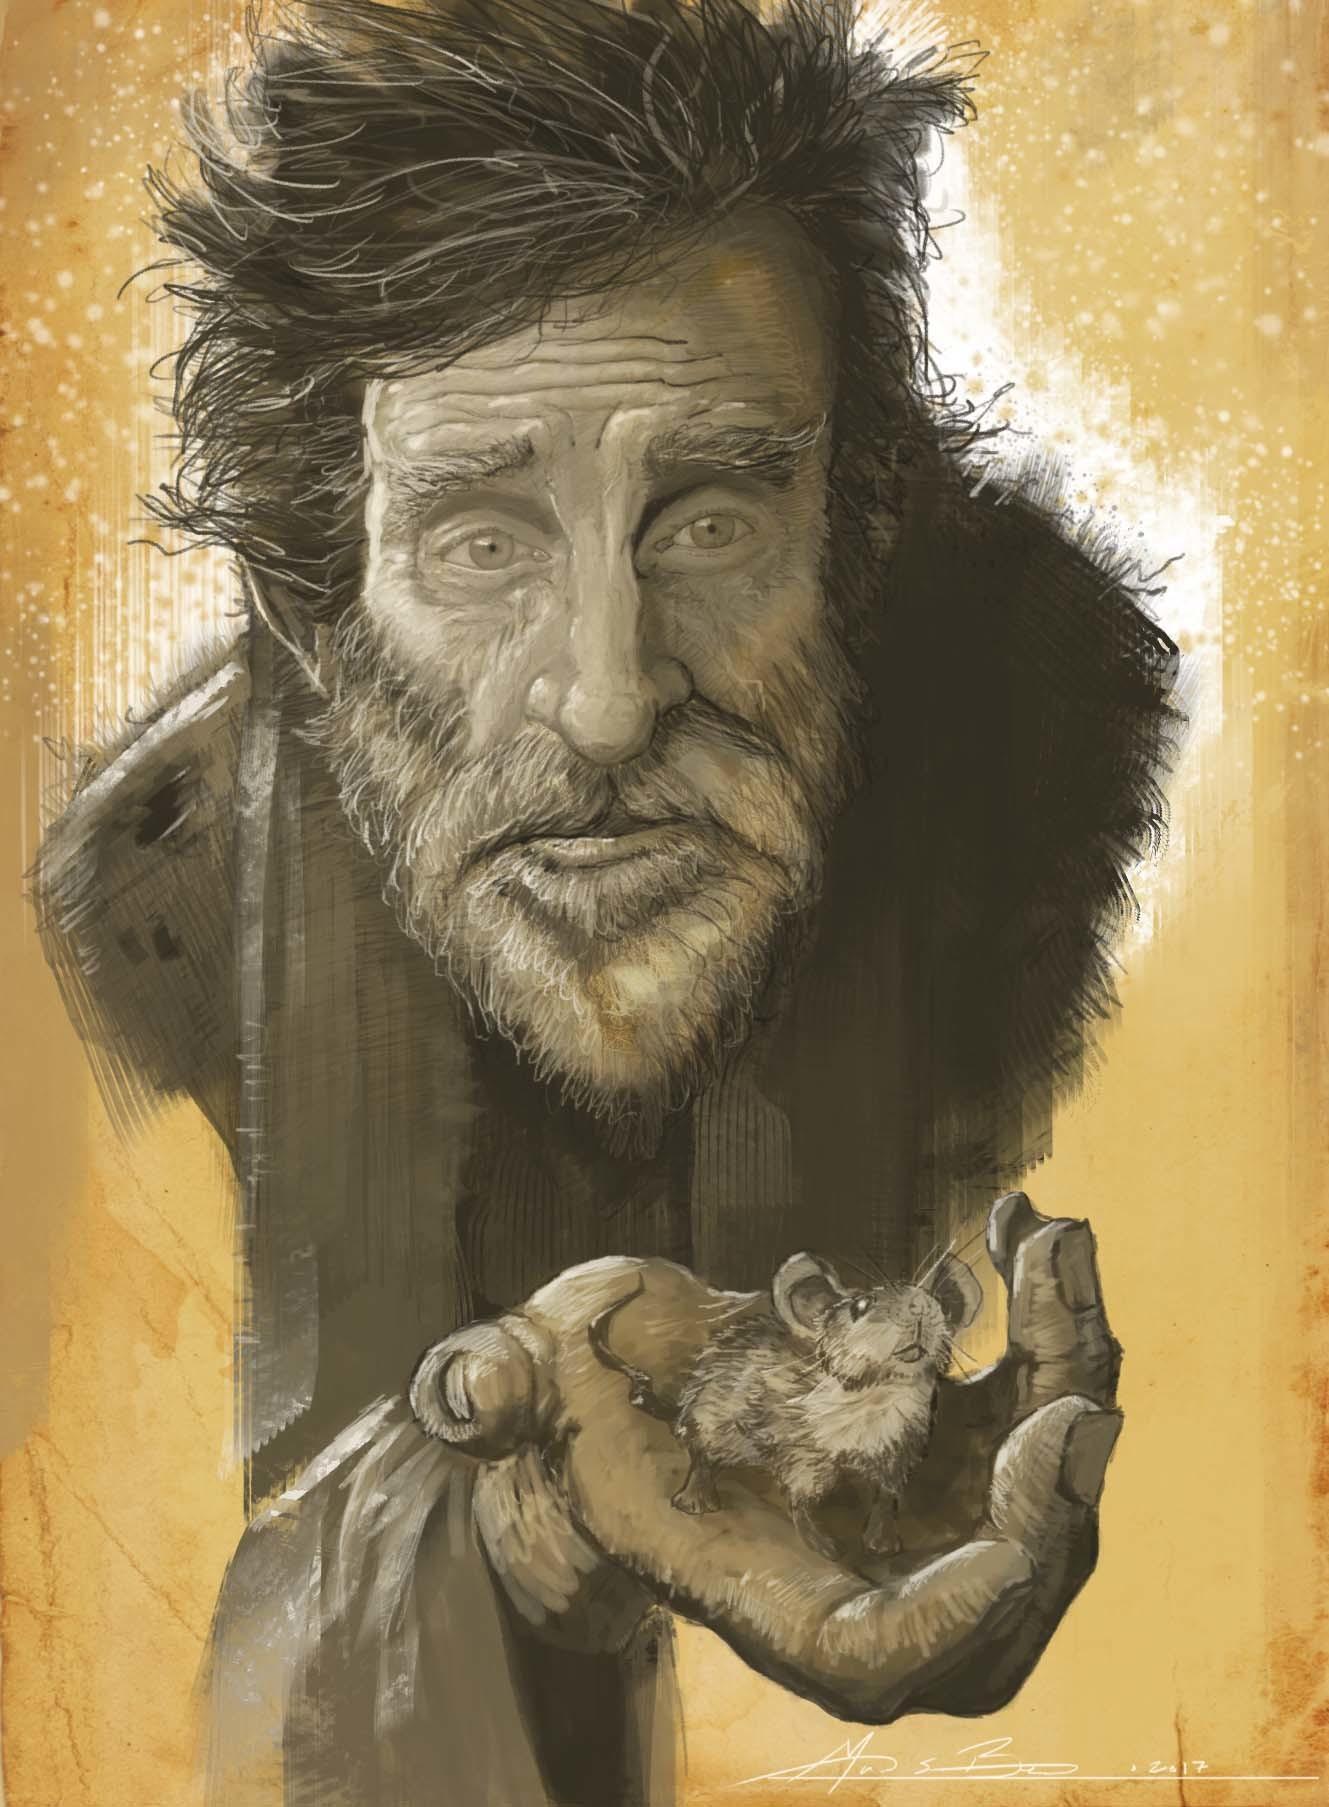 Micah brown old wizard1